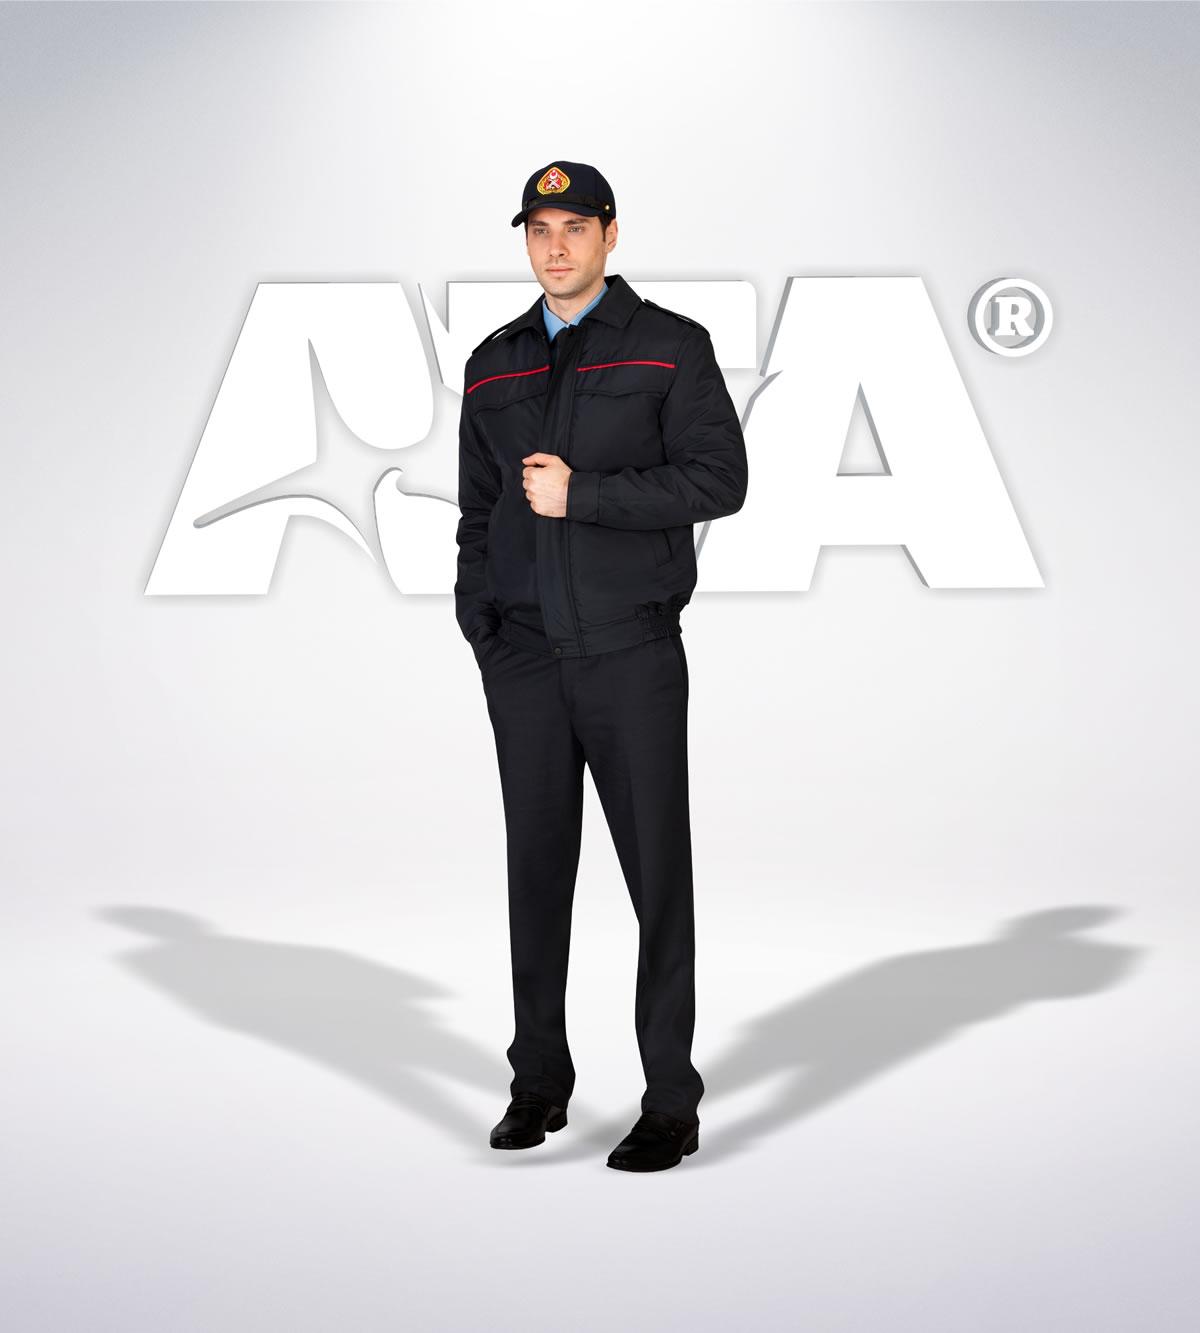 ATA 311 - ön - Pantolon kışlık -mont-reflektör-aksesuar - itfaiye elbiseleri | itfaiye üniformaları | itfaiye kıyafetleri